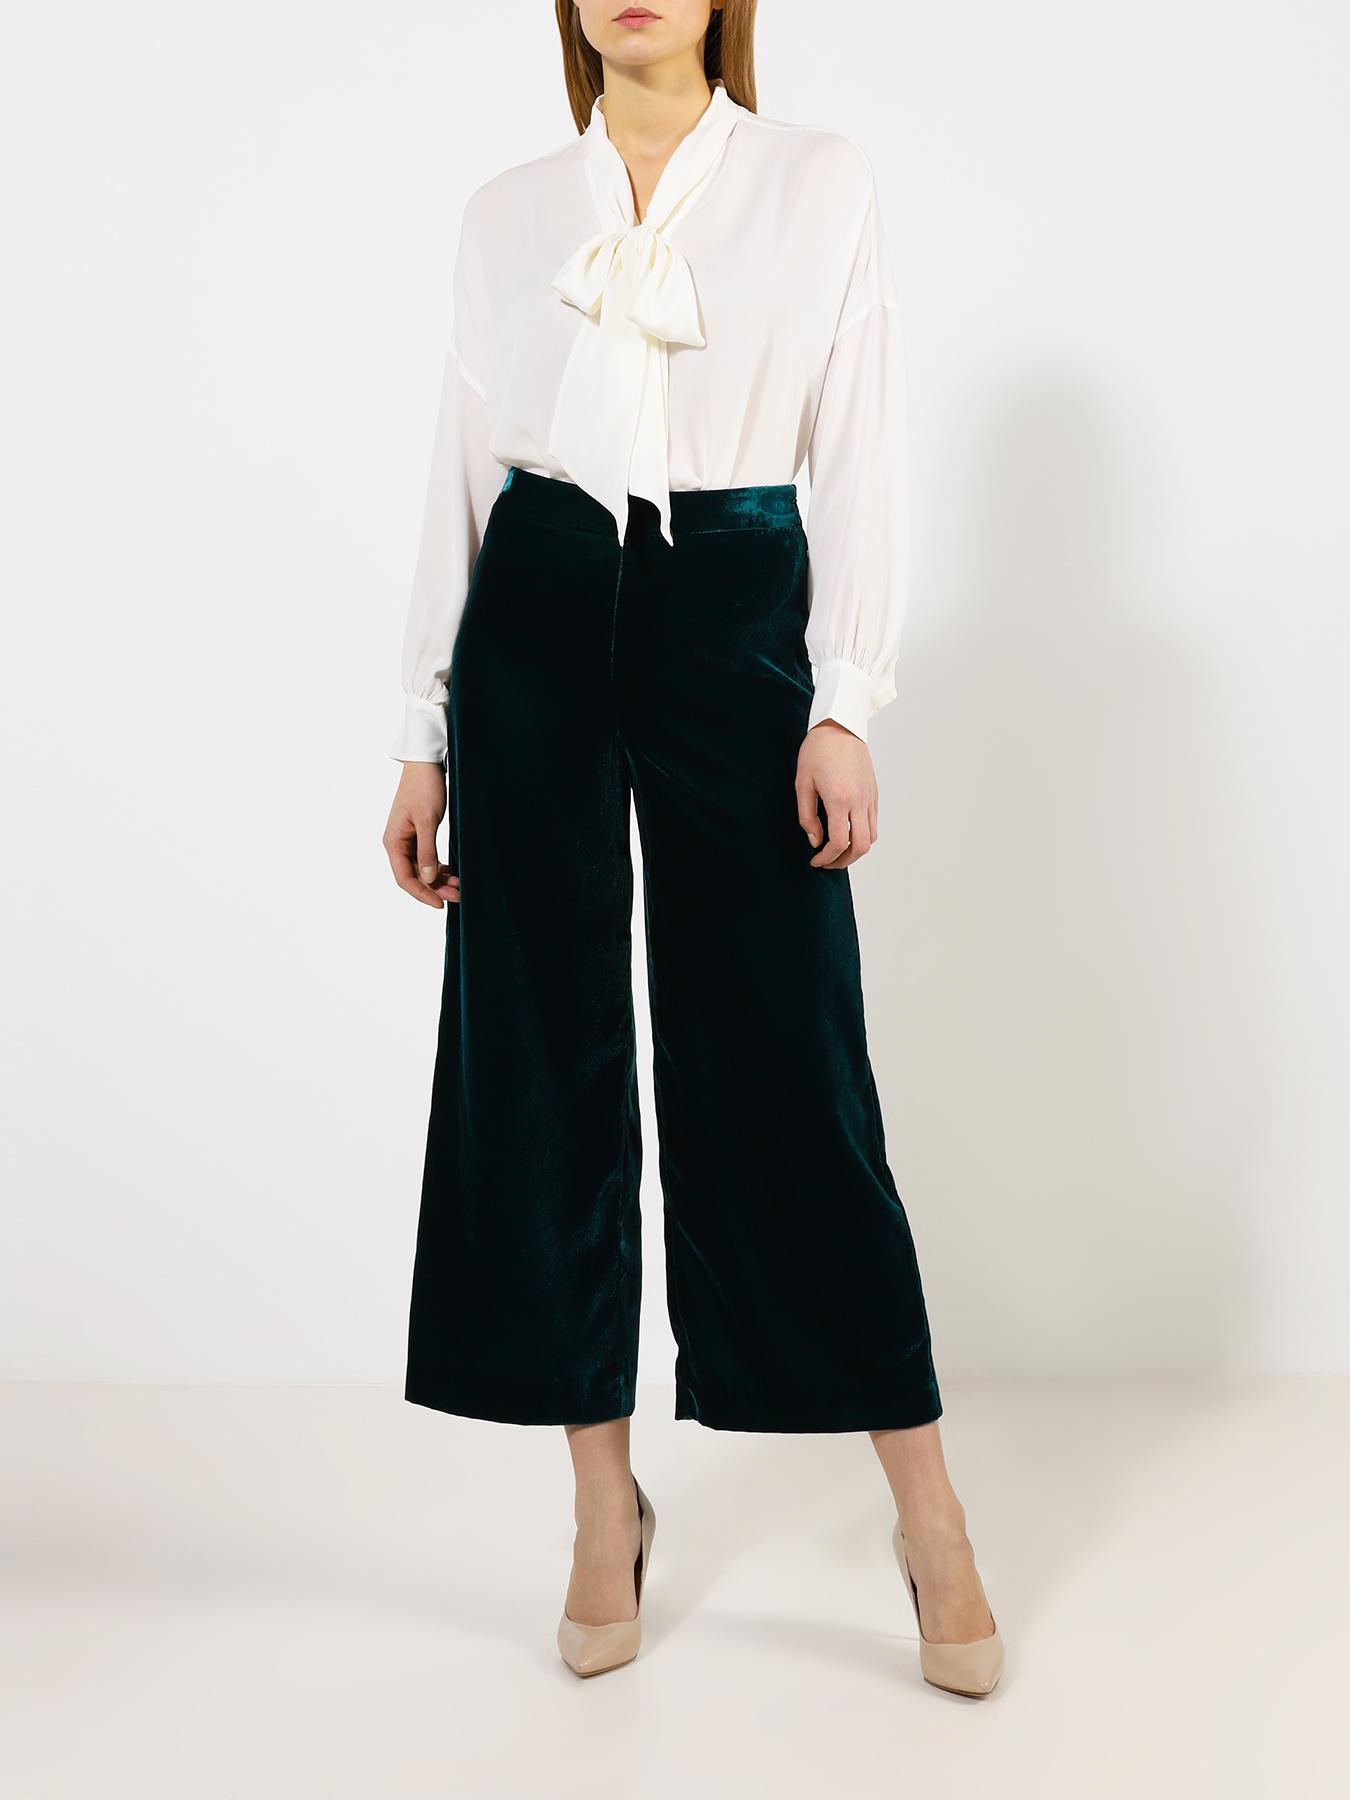 Блузка Polo Ralph Lauren Однотонная блузка с бантом bonpoint бархатный ремень с бантом ecnoeud